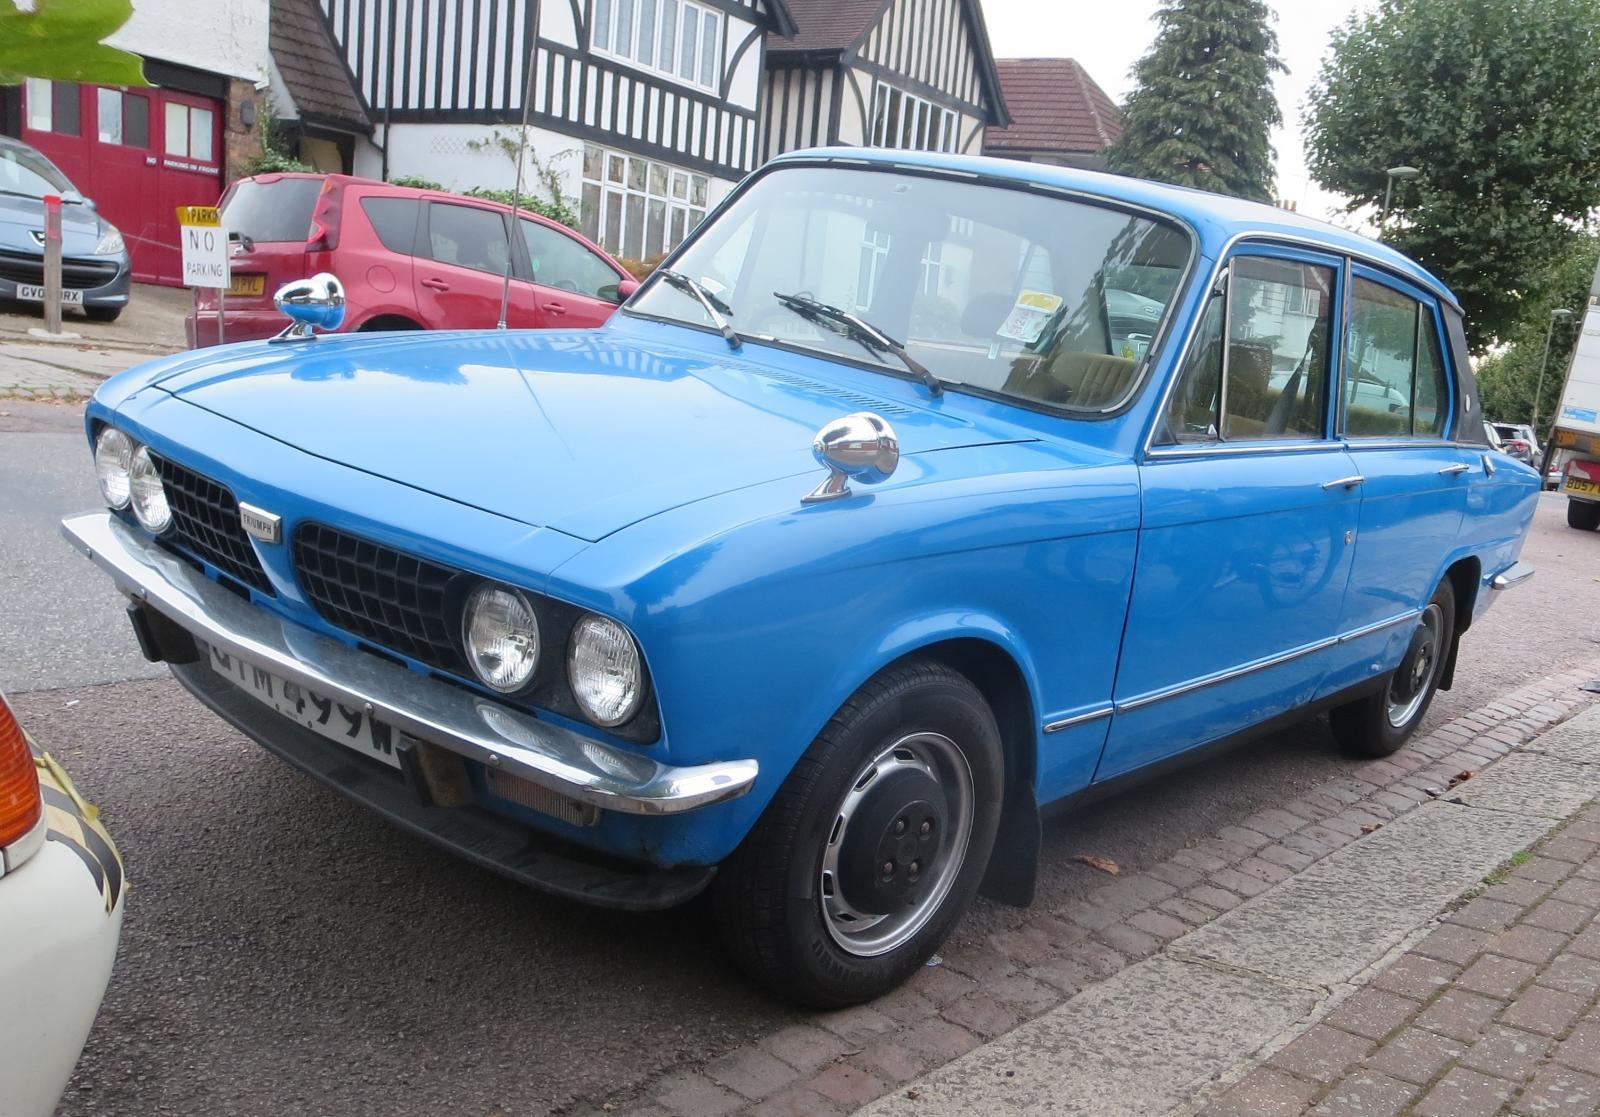 1980 Triumph Dolomite 1850 HL auto.JPG